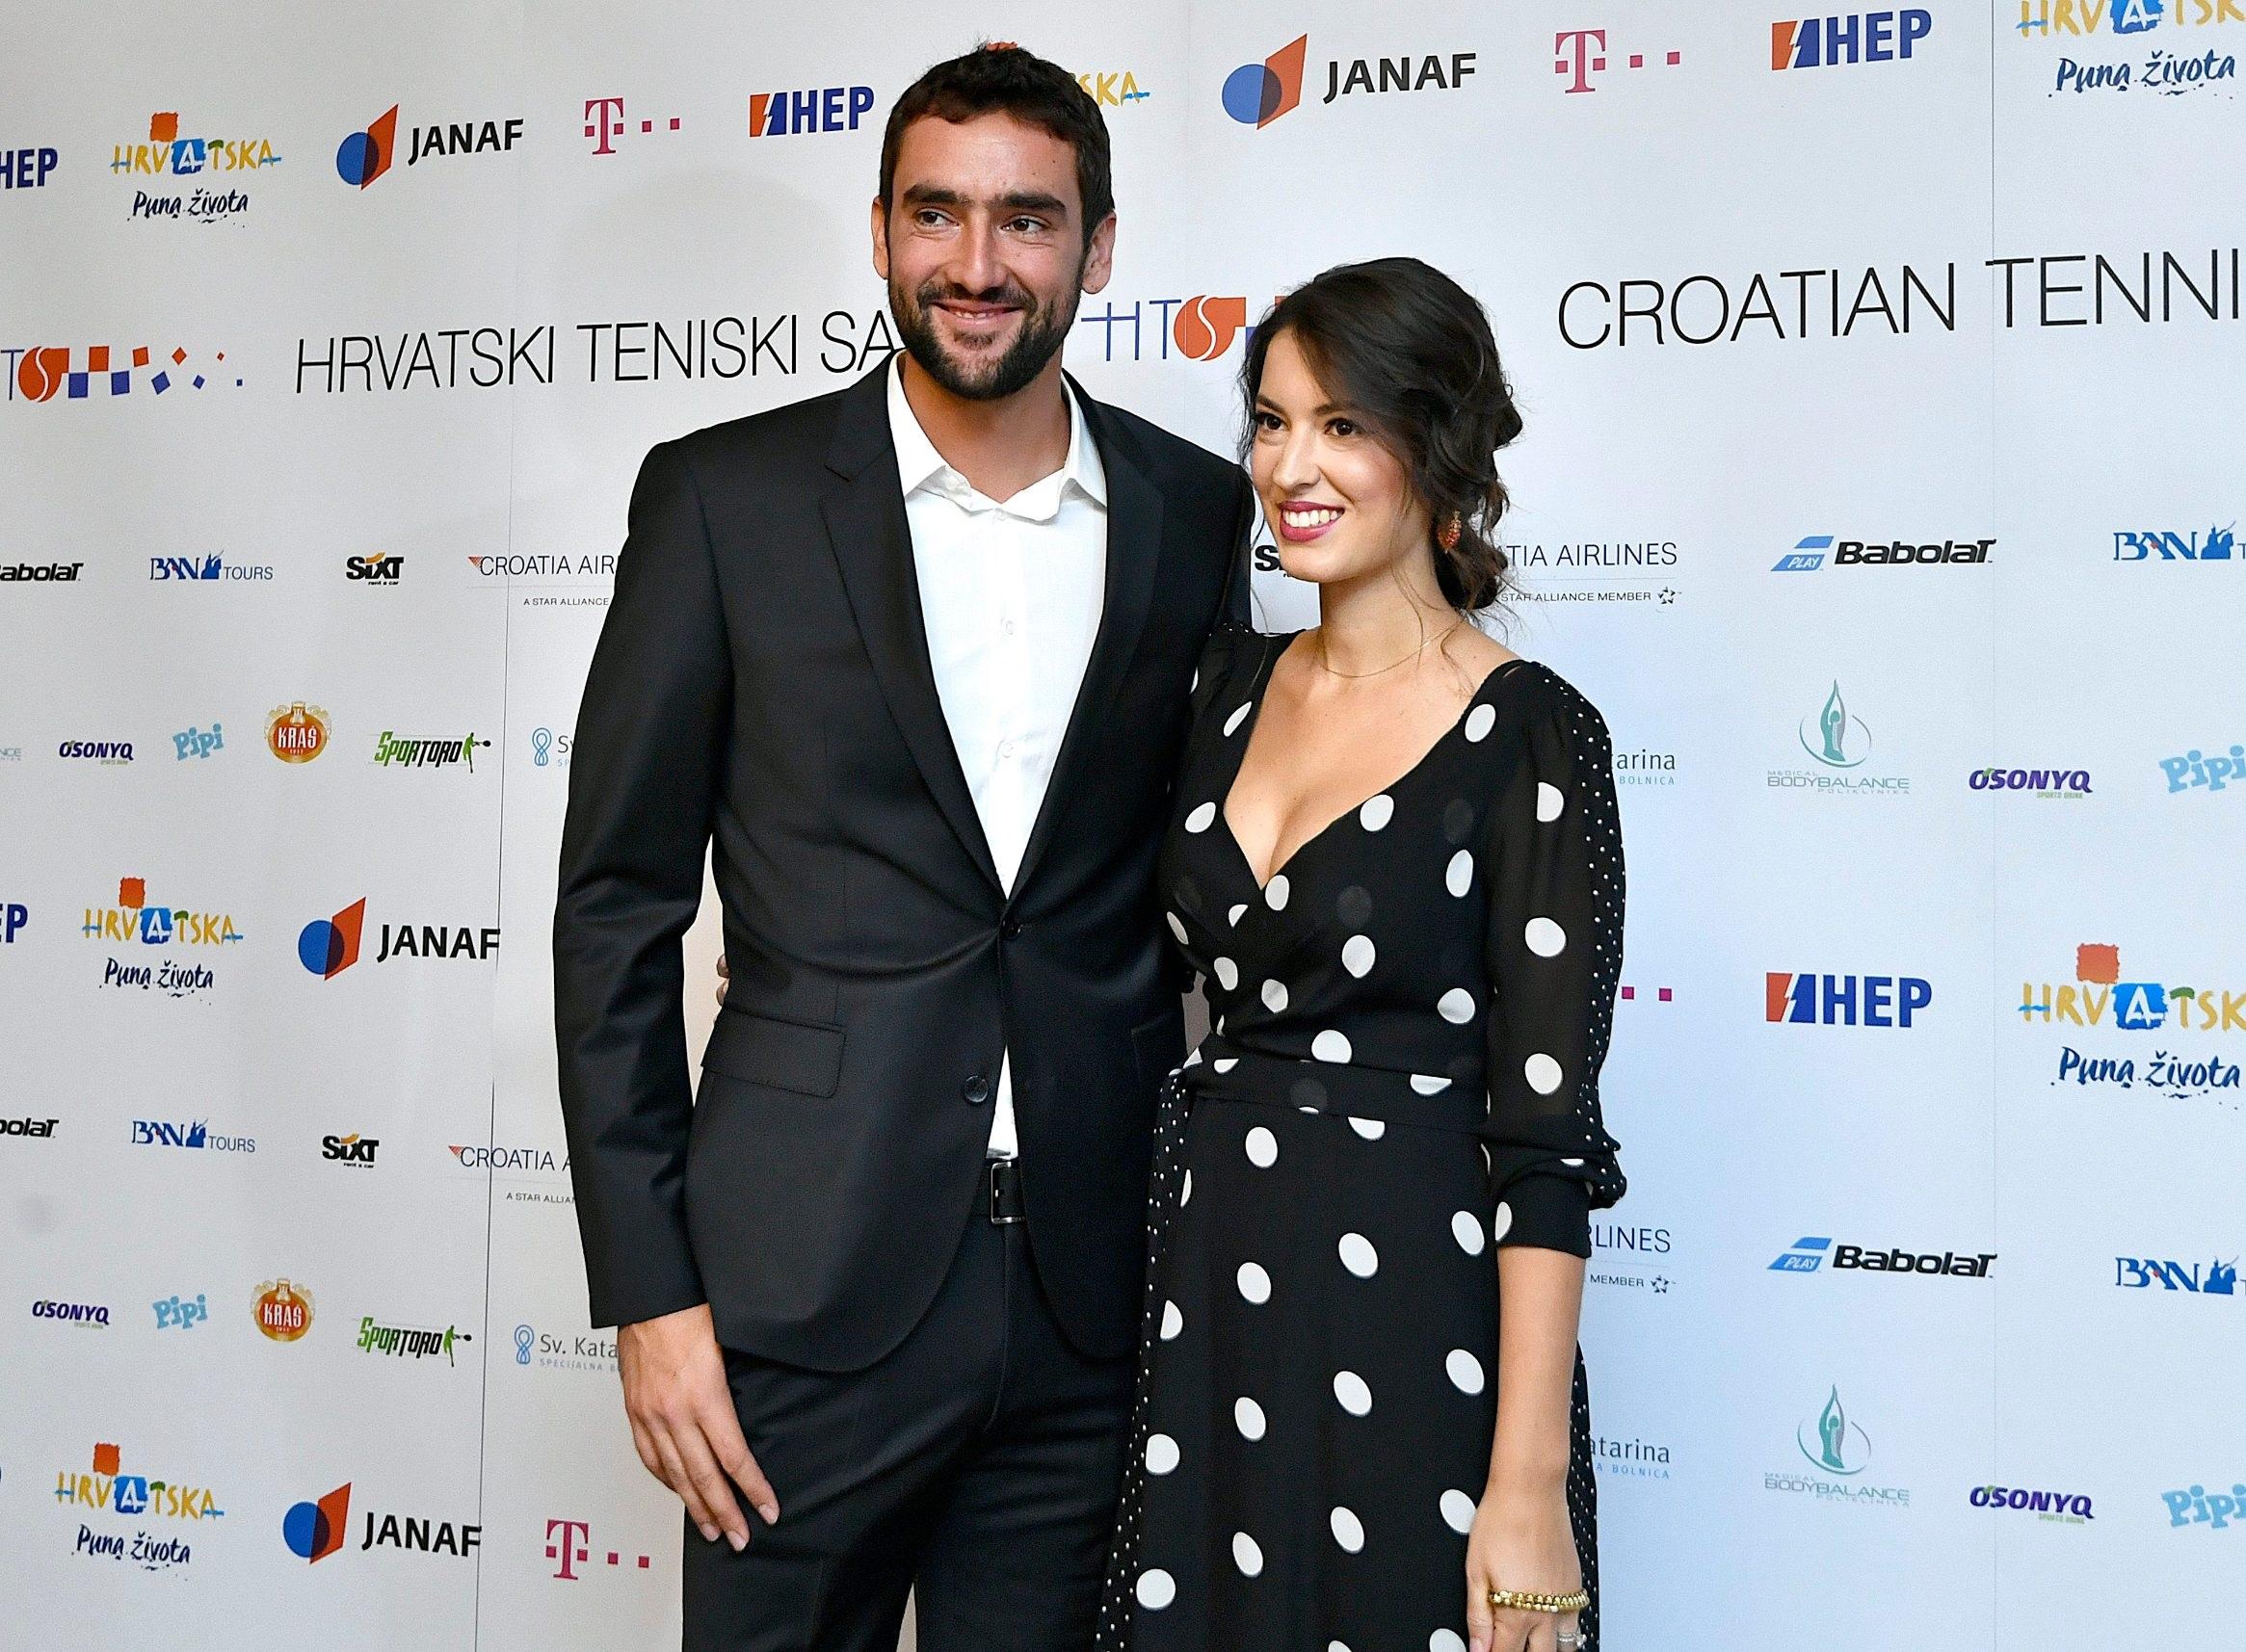 Marin i Kristina Čilić na Noći hrvatskog tenisa u Zagrebu krajem 2019. godine